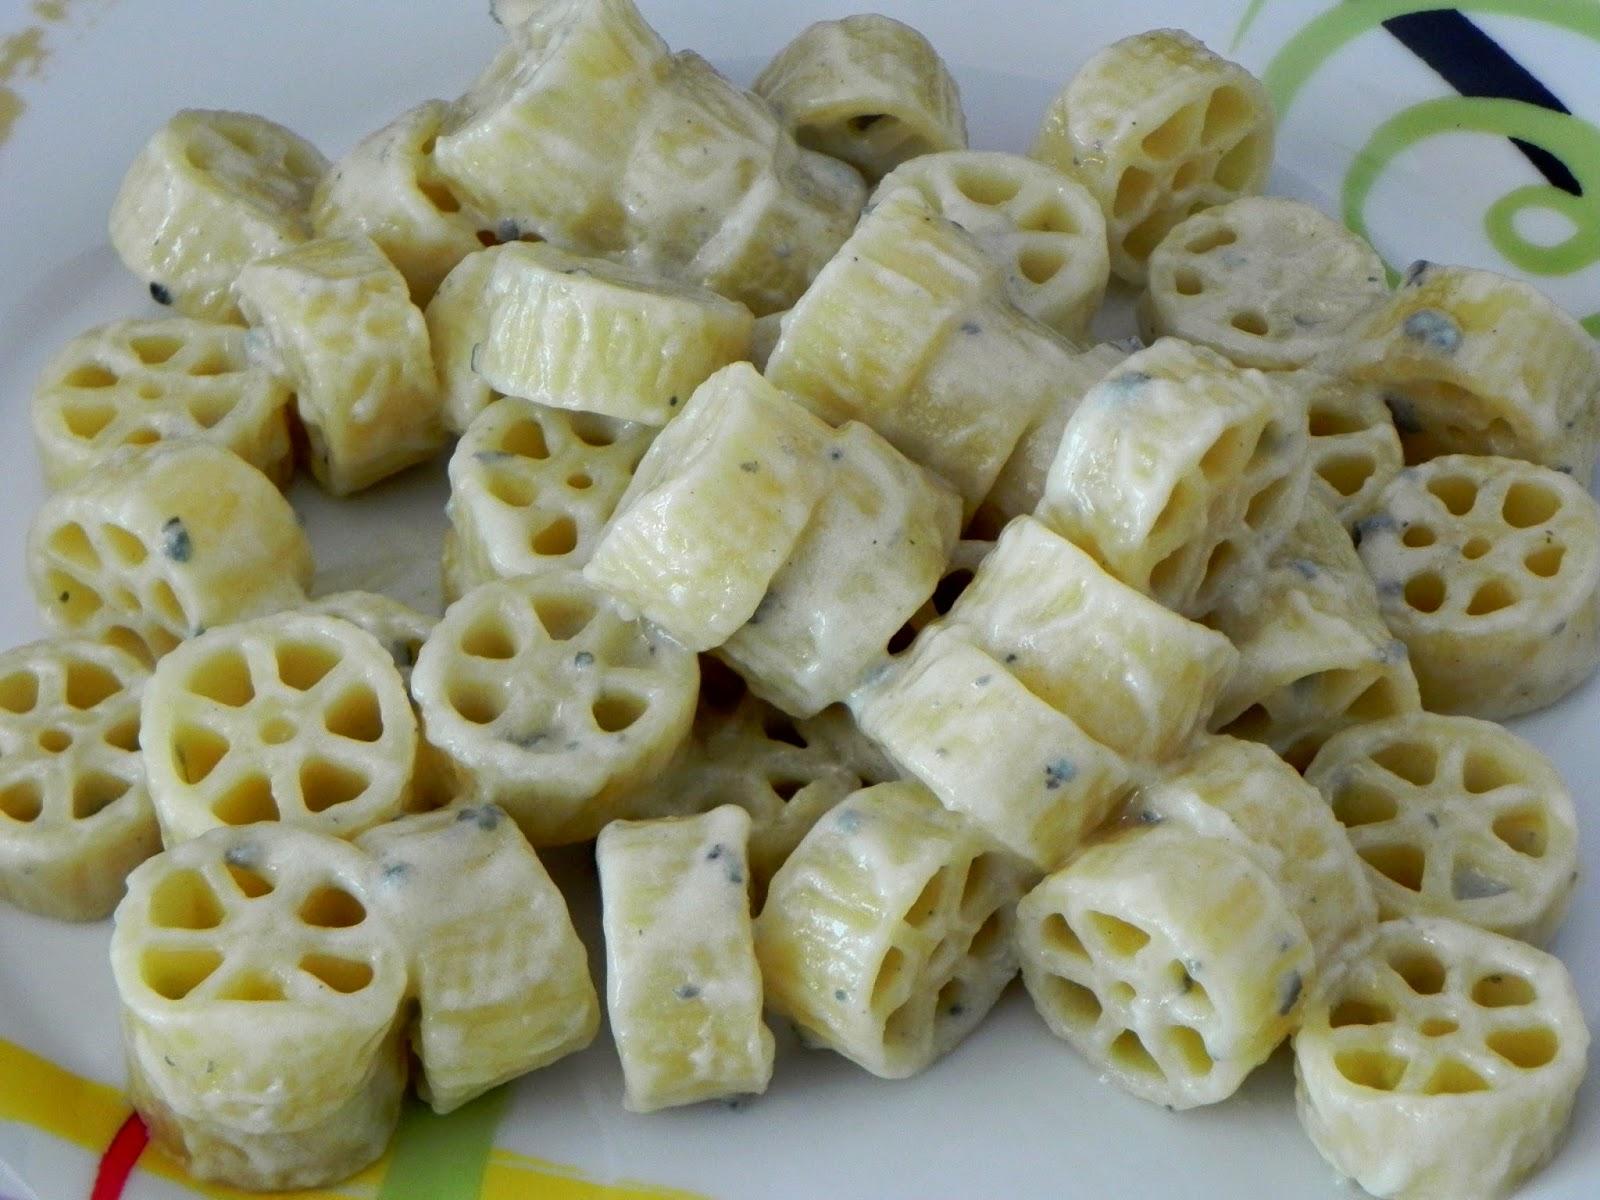 queijo azul saint agur allfood